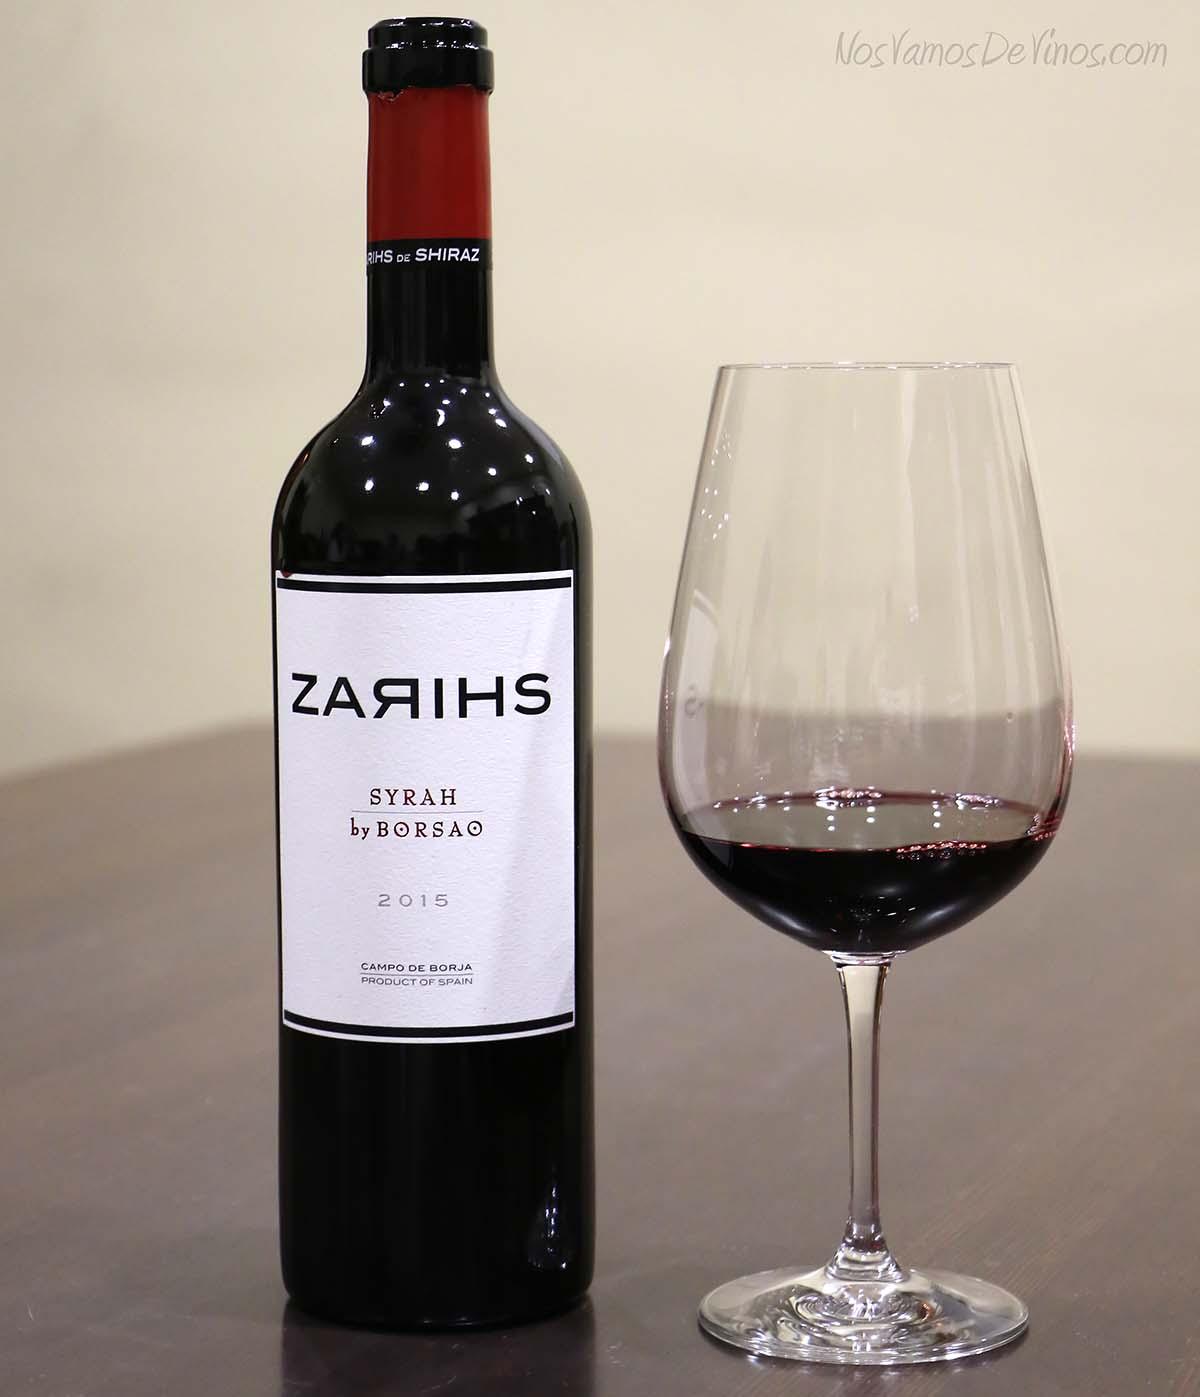 Zarihs-de-Shiraz-2015-Syrah-Borsao-Campo-de-Borja